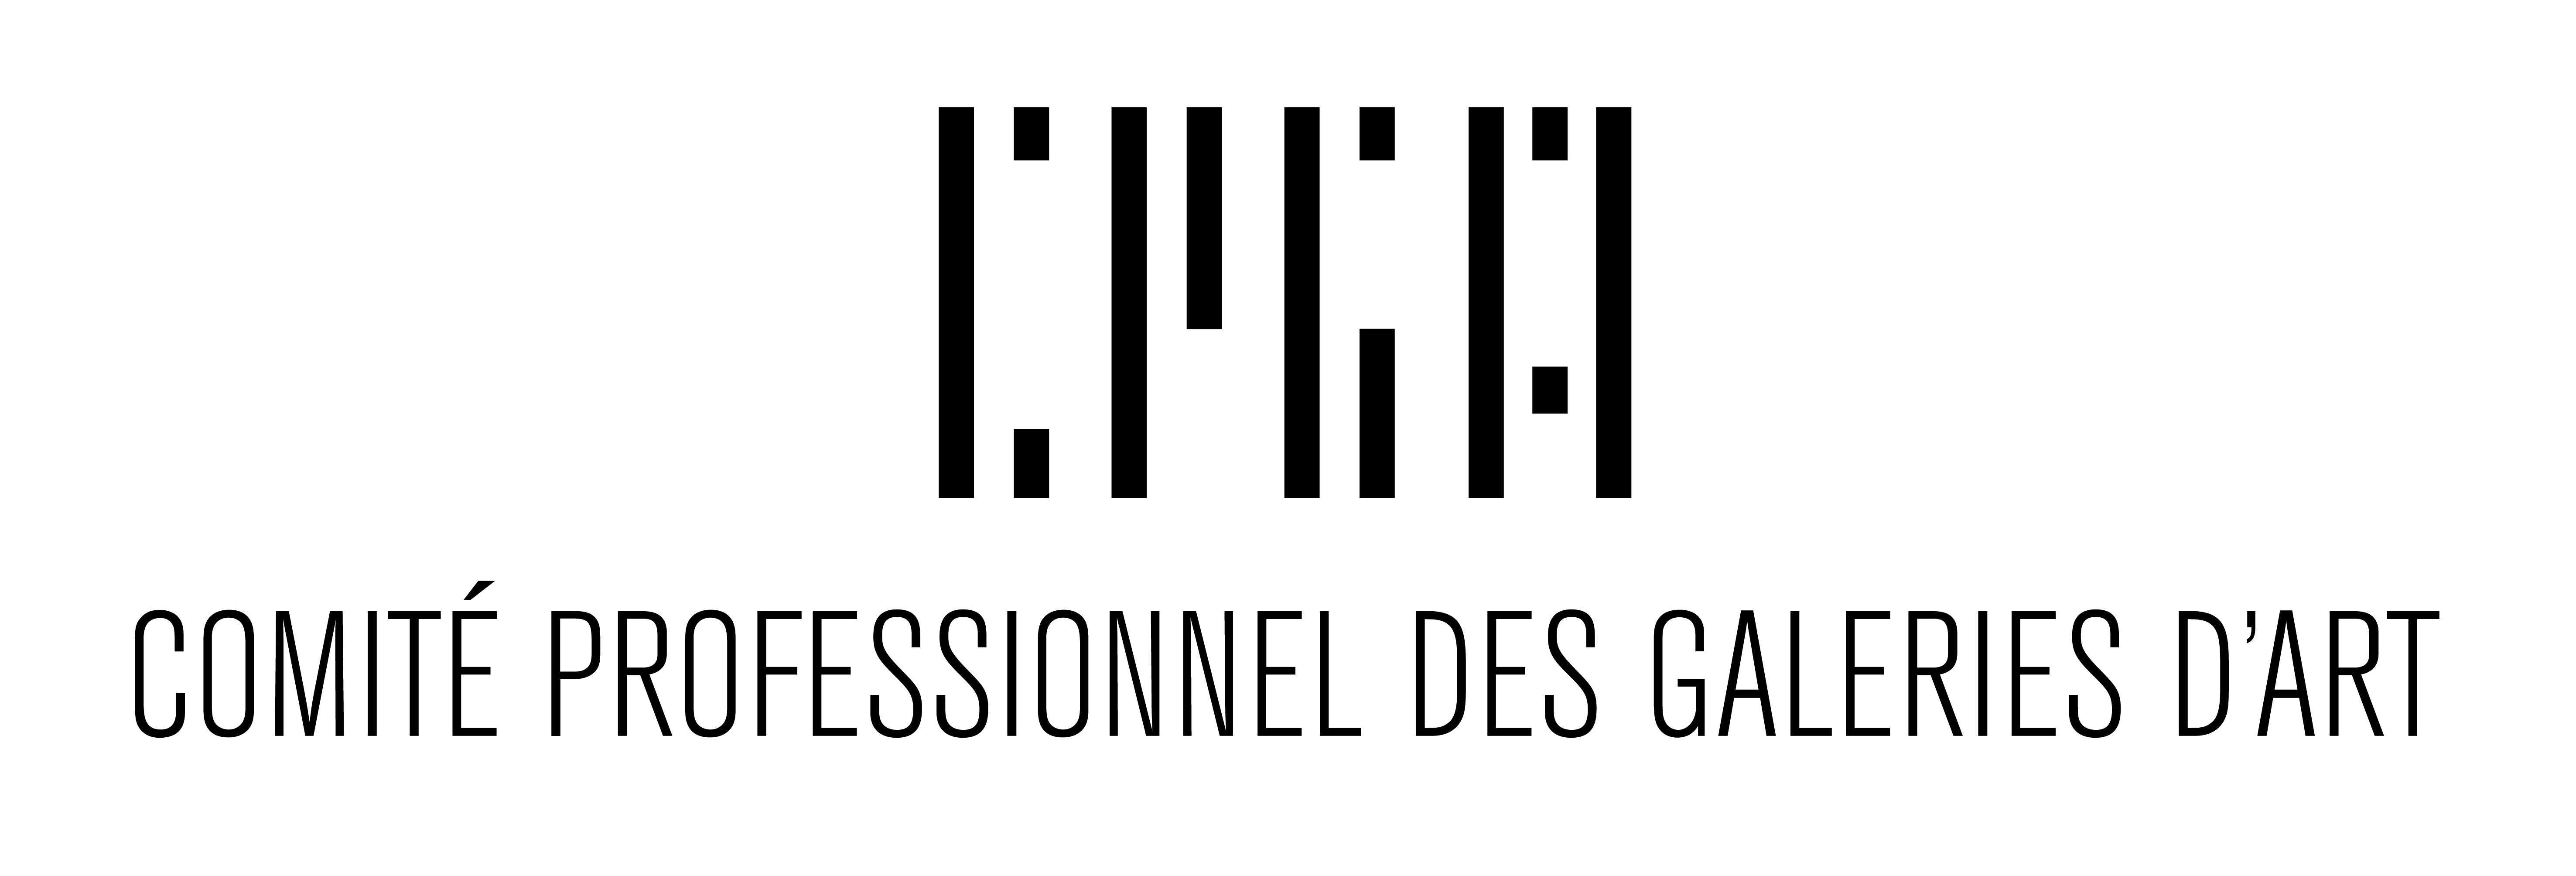 """Résultat de recherche d'images pour """"comité professionnel des galeries"""""""